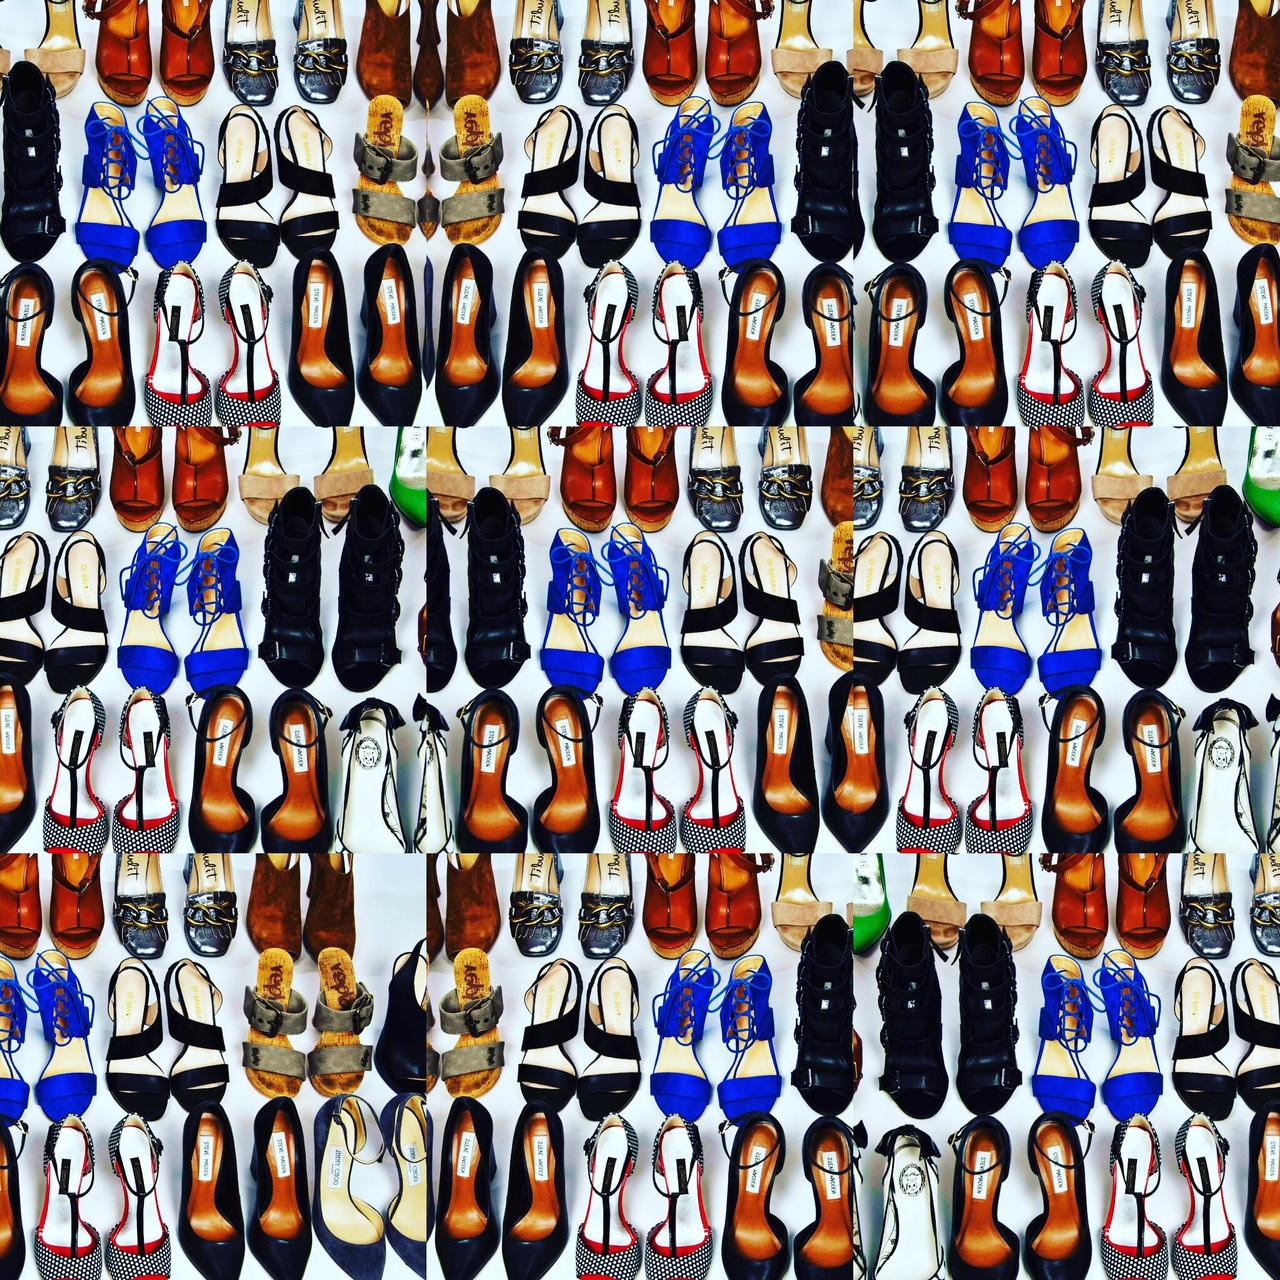 I 4 motivi per cui non dovremmo indossare sempre le stesse scarpe